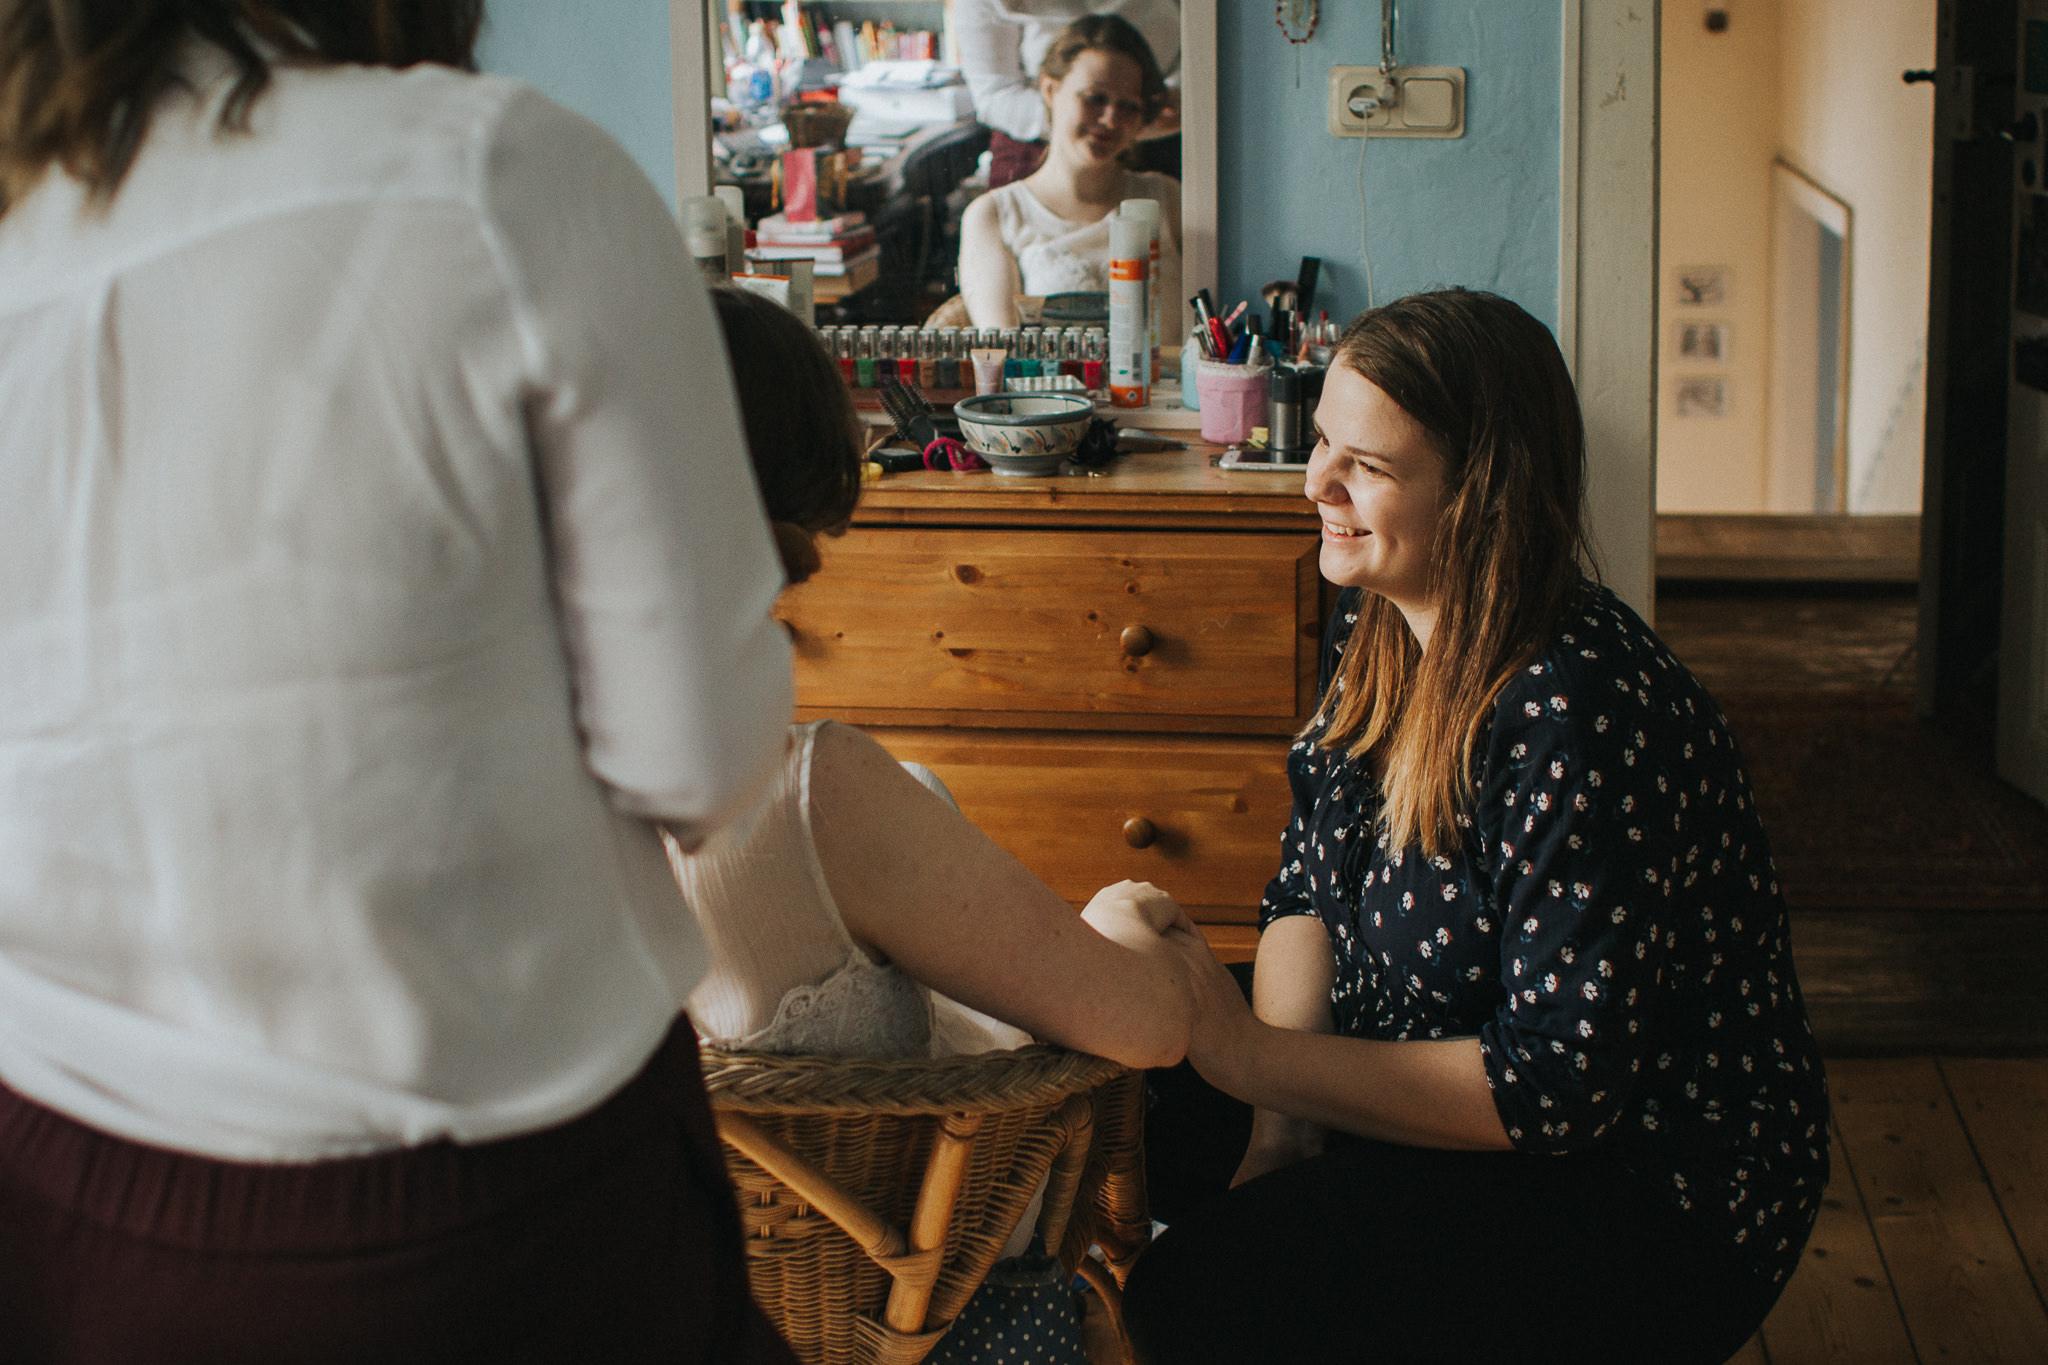 Trauzeugin spricht mit Braut